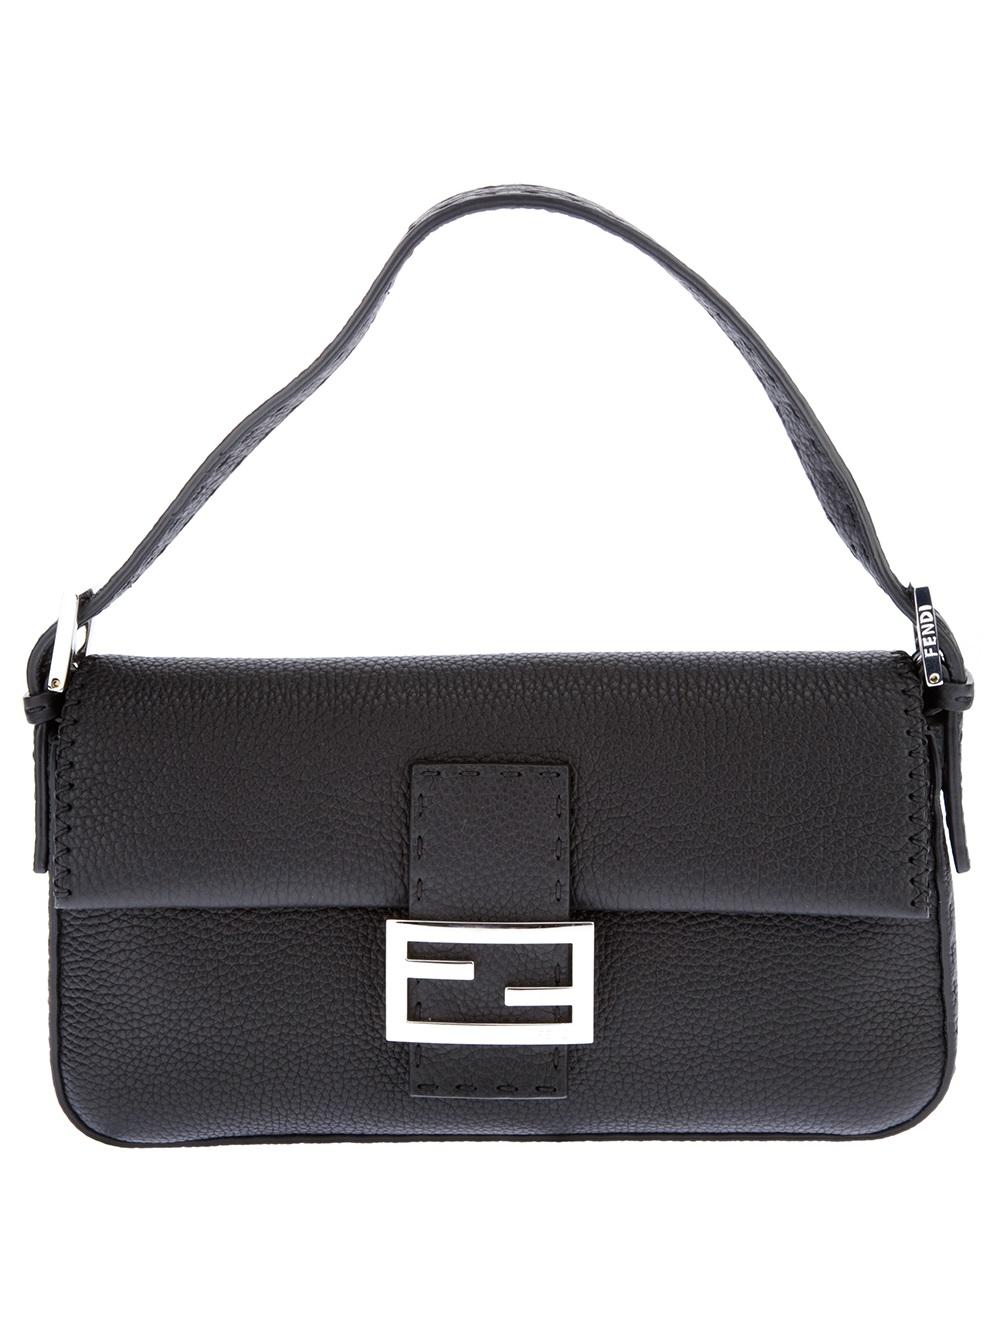 a876ae1ff438 Lyst - Fendi Selleria Baguette Bag in Black